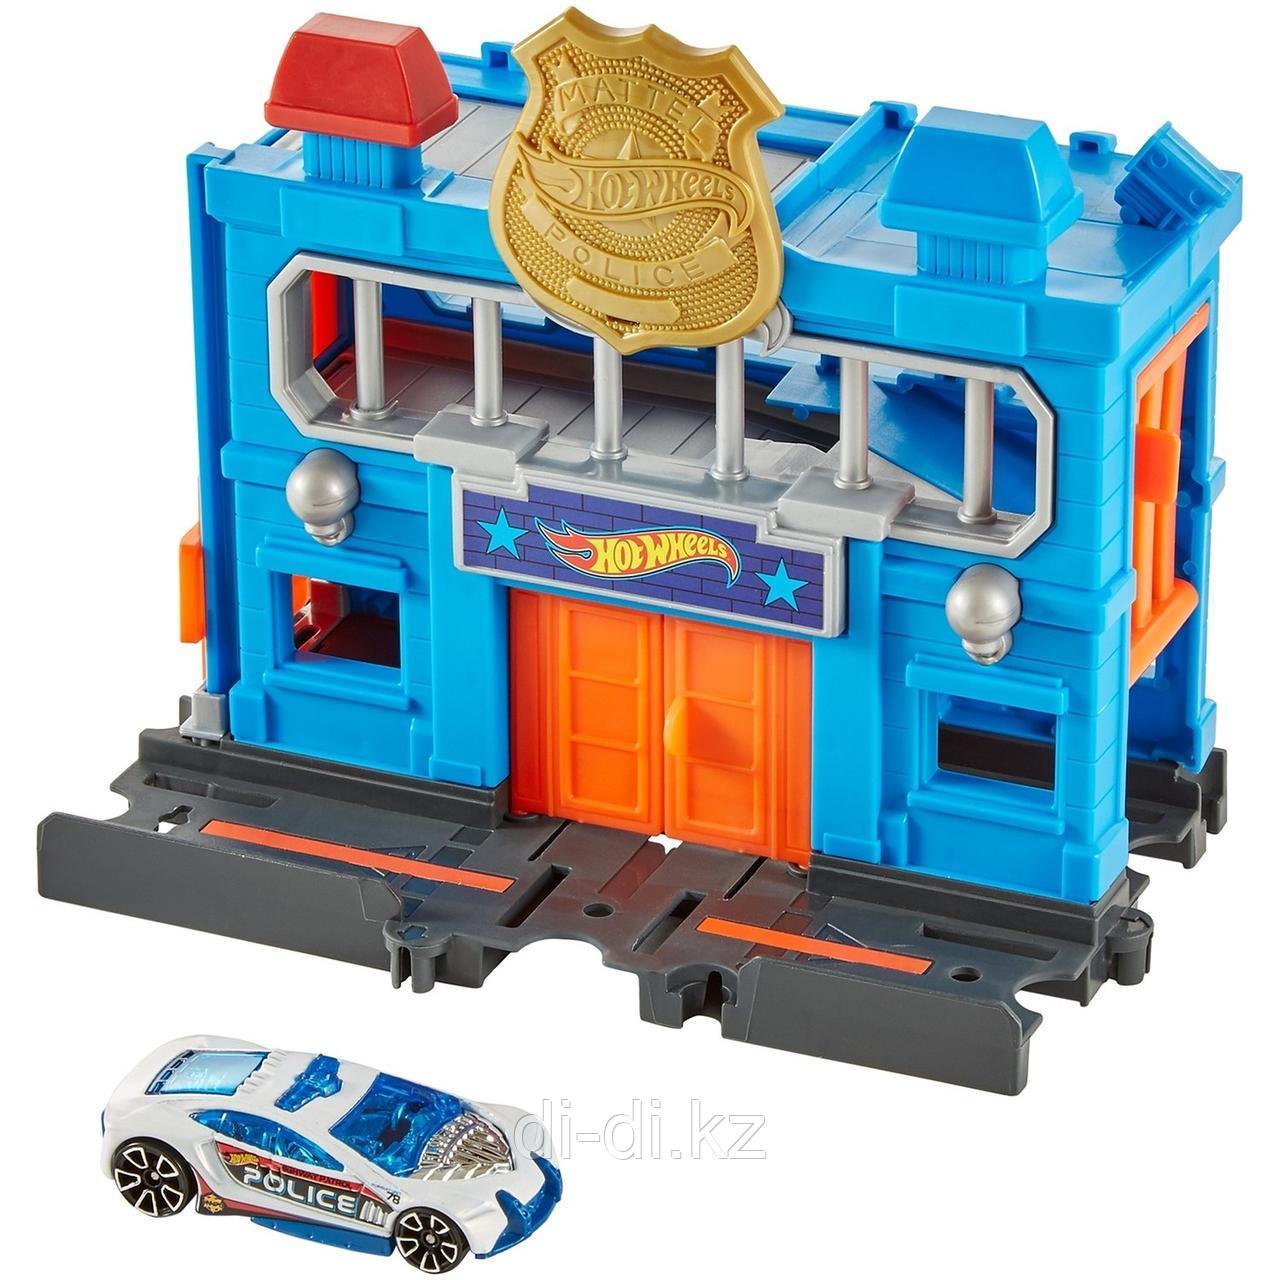 Игровой набор Hot Wheels Сити Полицейский участок